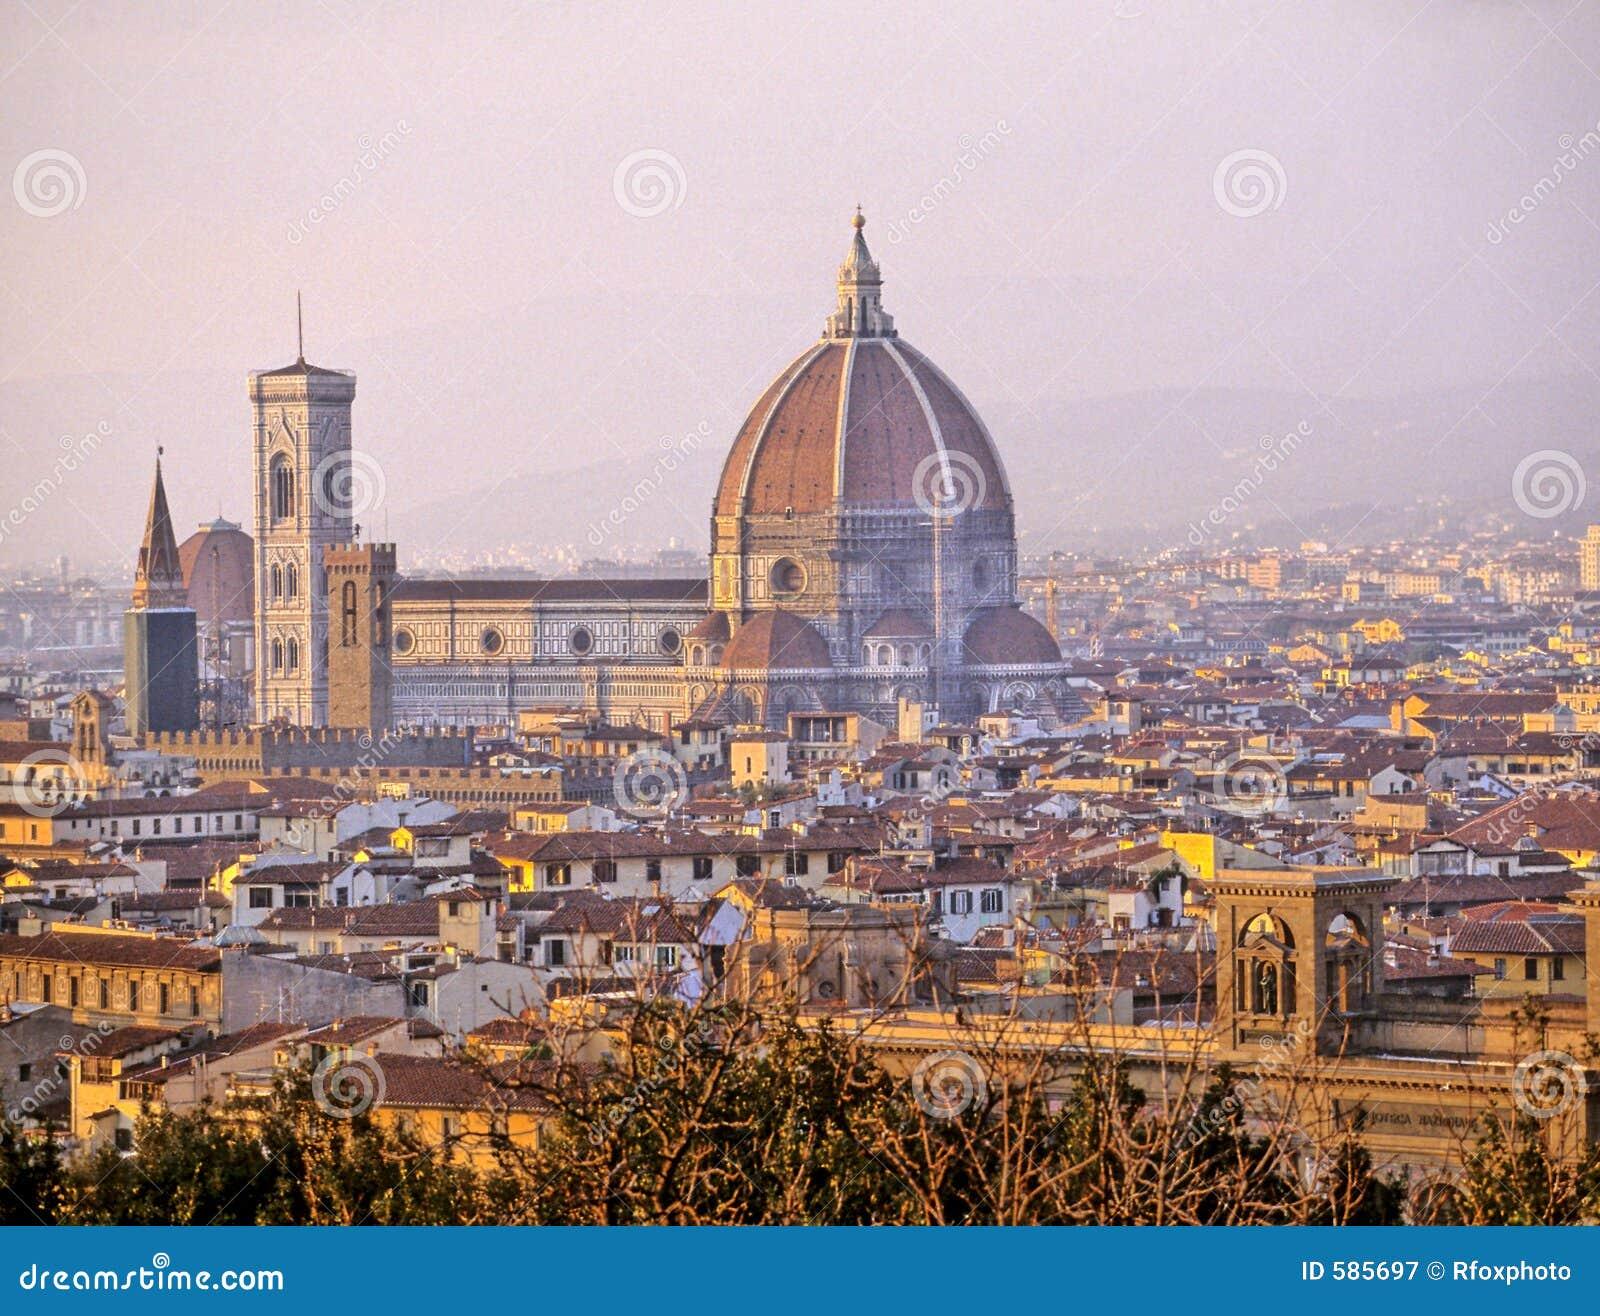 Duomo- Florencia, Italia